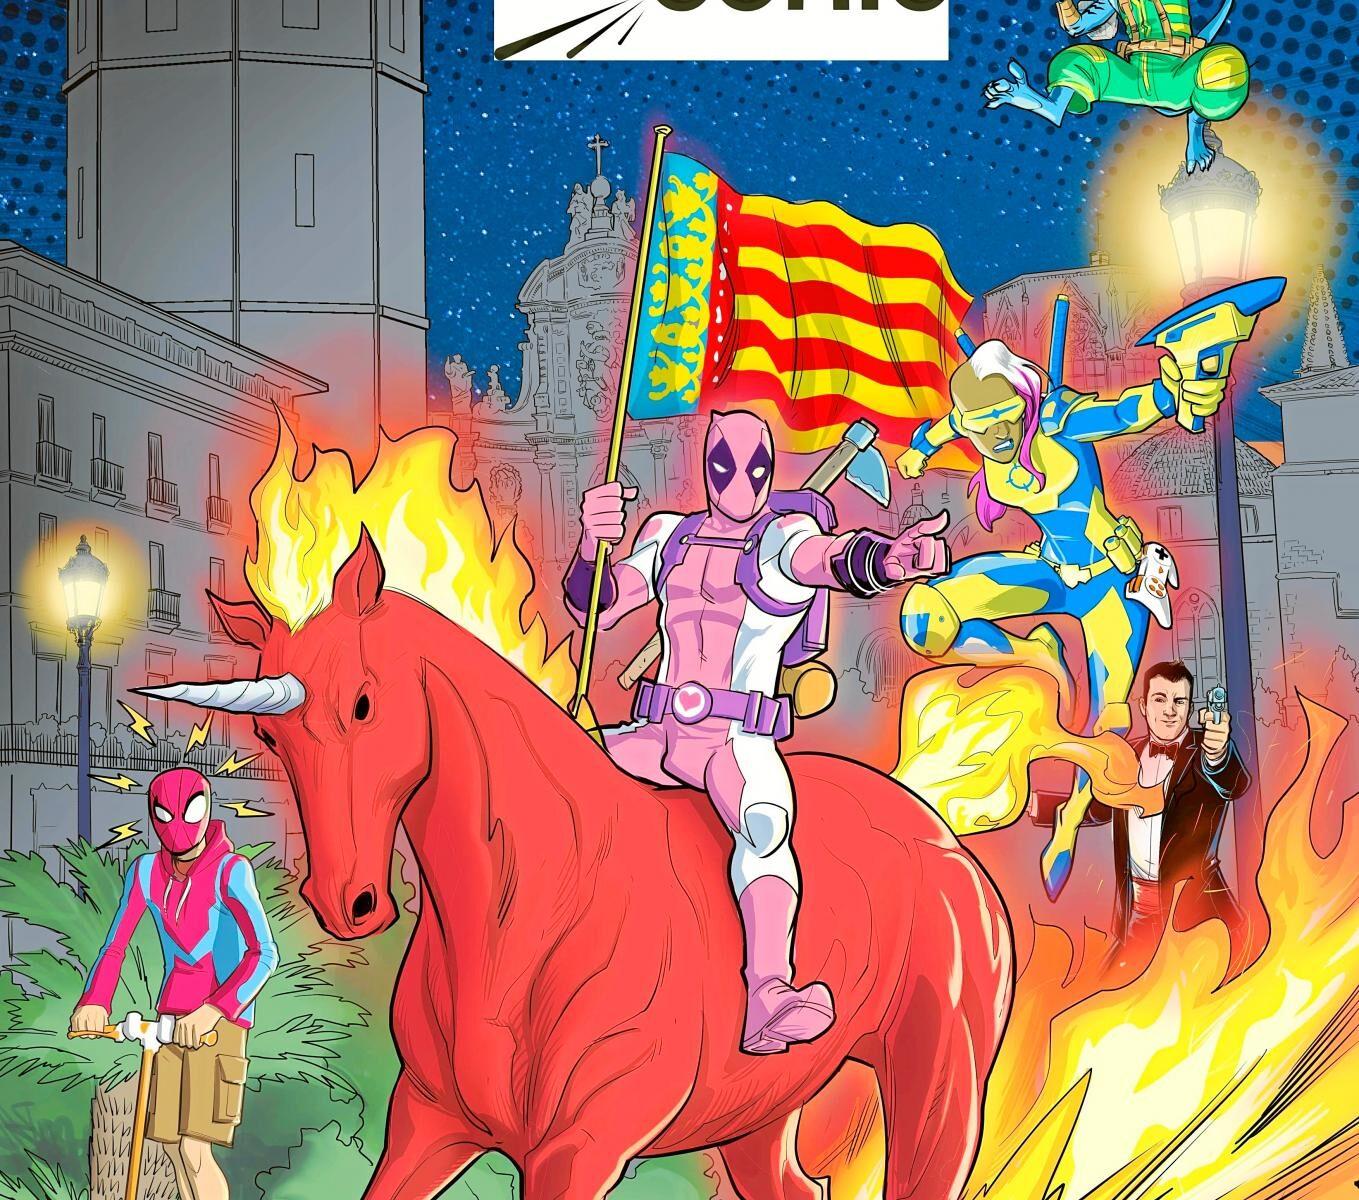 El 'Salón del Comic' abre sus puertas en Valencia durante febrero